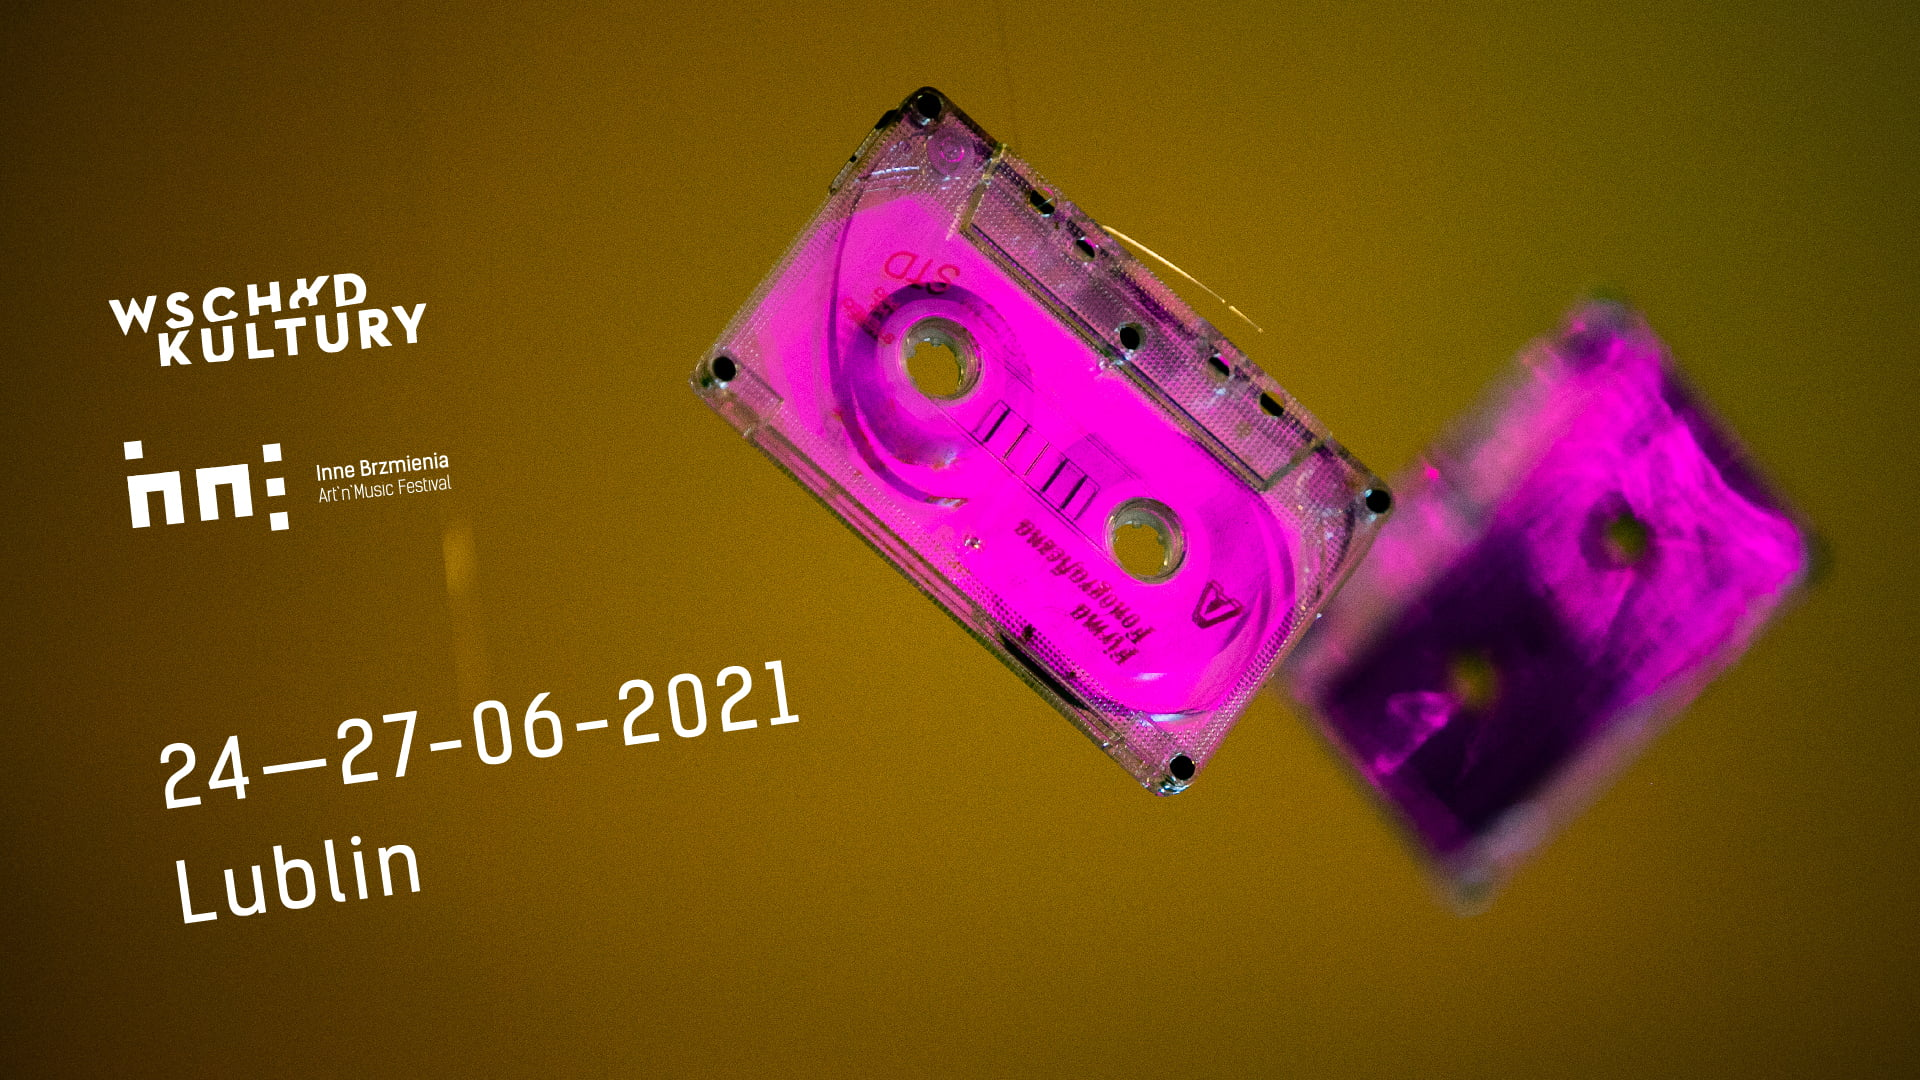 brudno miodowe tło na którym znajdują się dwie różowe kasety magnetofonowe, jedna nieostra. napisy: wschód kultury Inne brzmienia 24-27-06 2021 Lublin